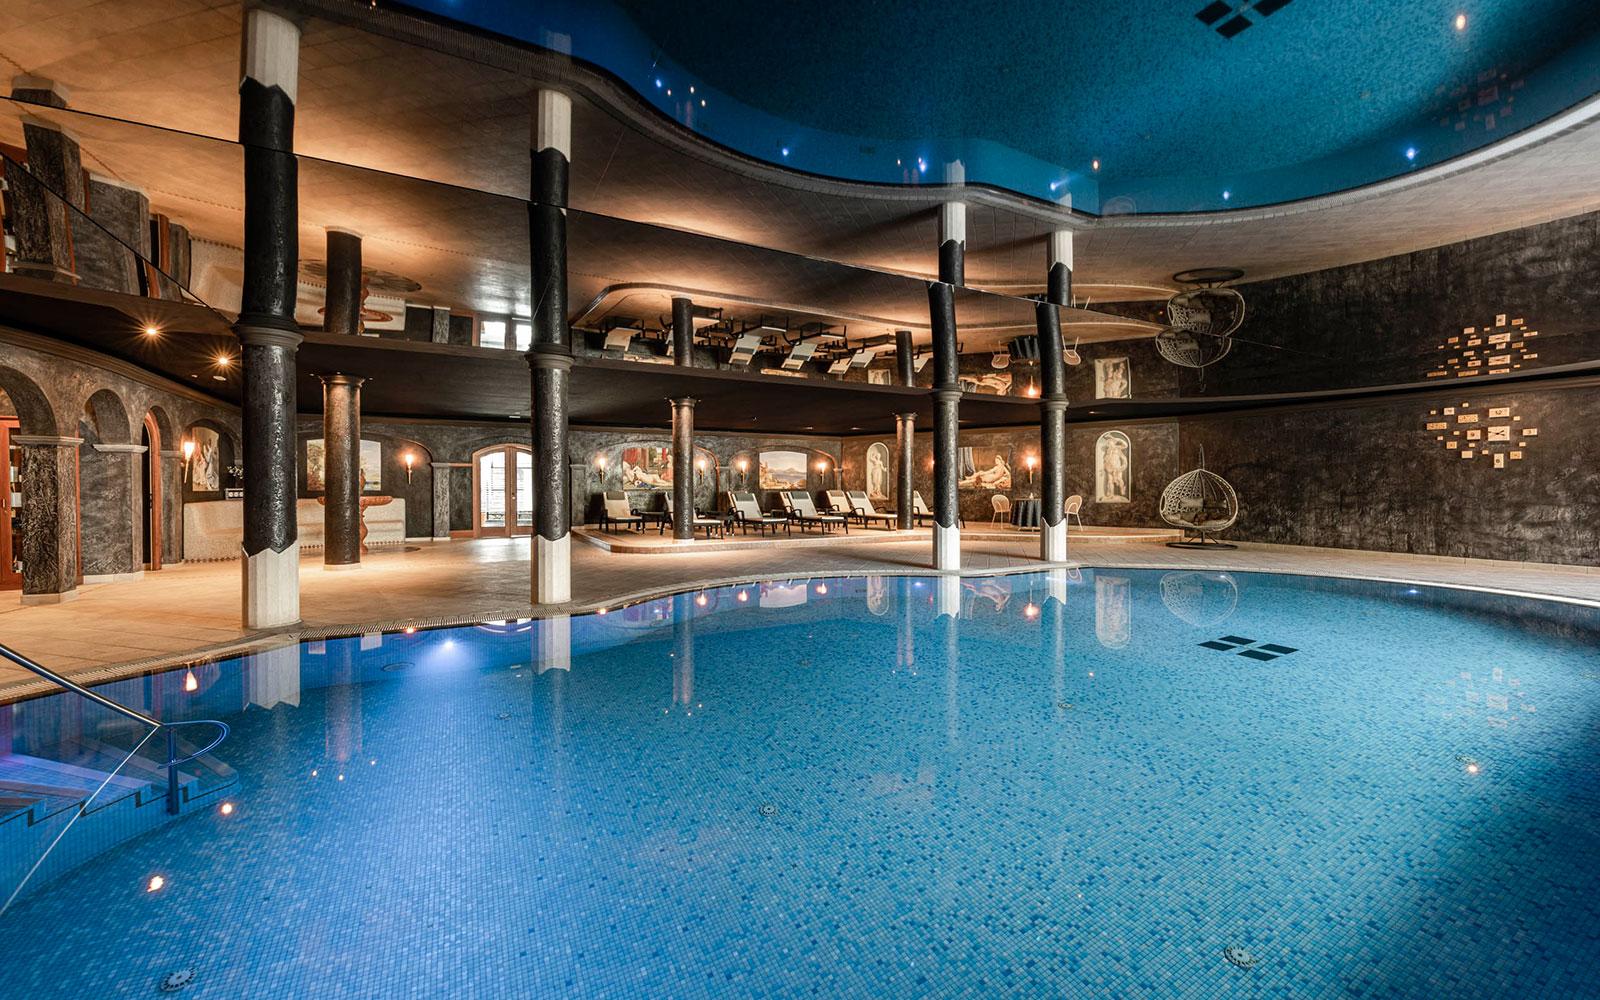 Hotel con piscina in val gardena hotel benessere a selva - Hotel con piscina riscaldata montagna ...